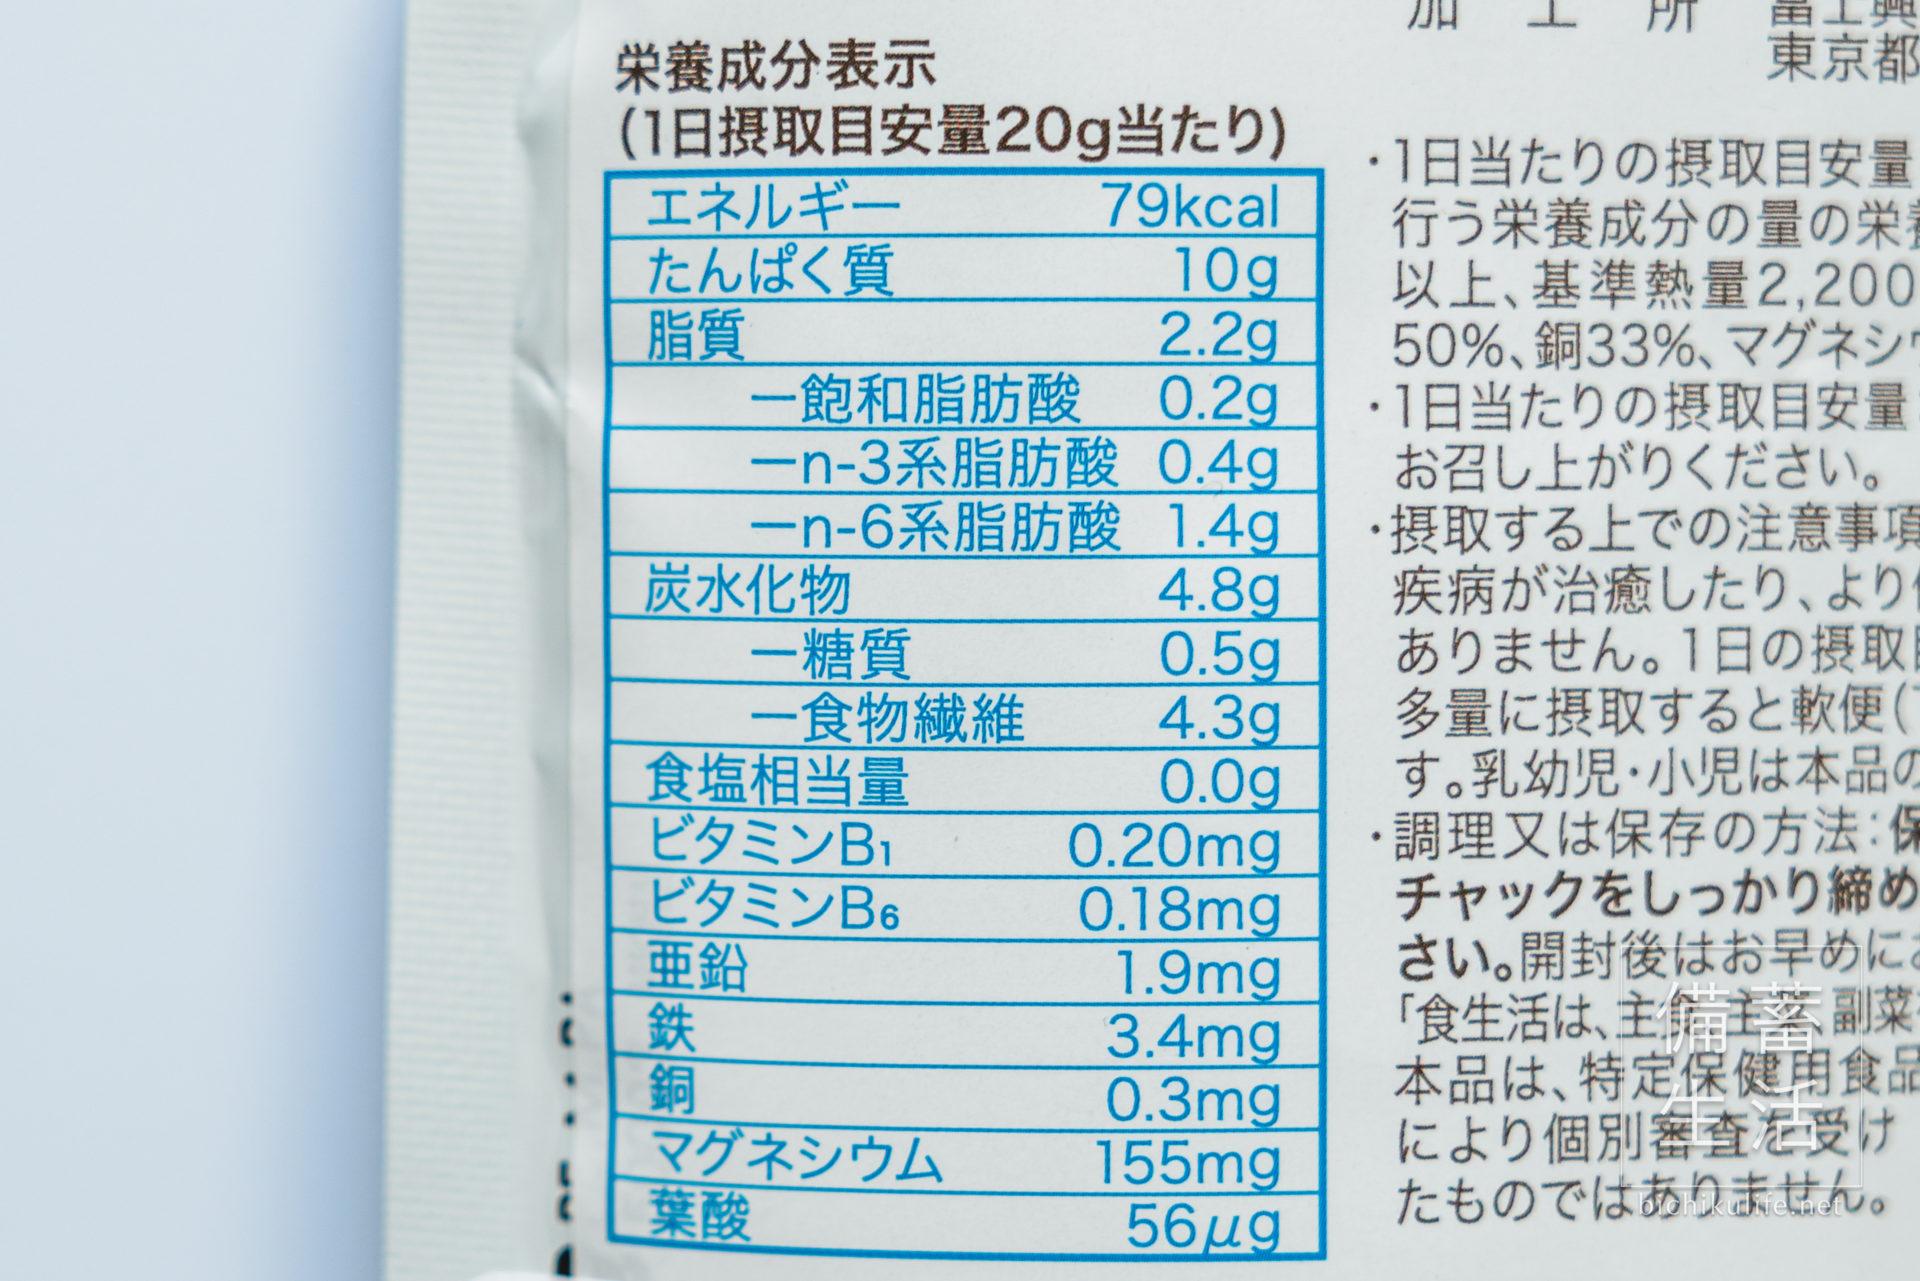 ヘンプフーズジャパンのオーガニックヘンププロテインパウダー(有機麻の実)の栄養成分表示